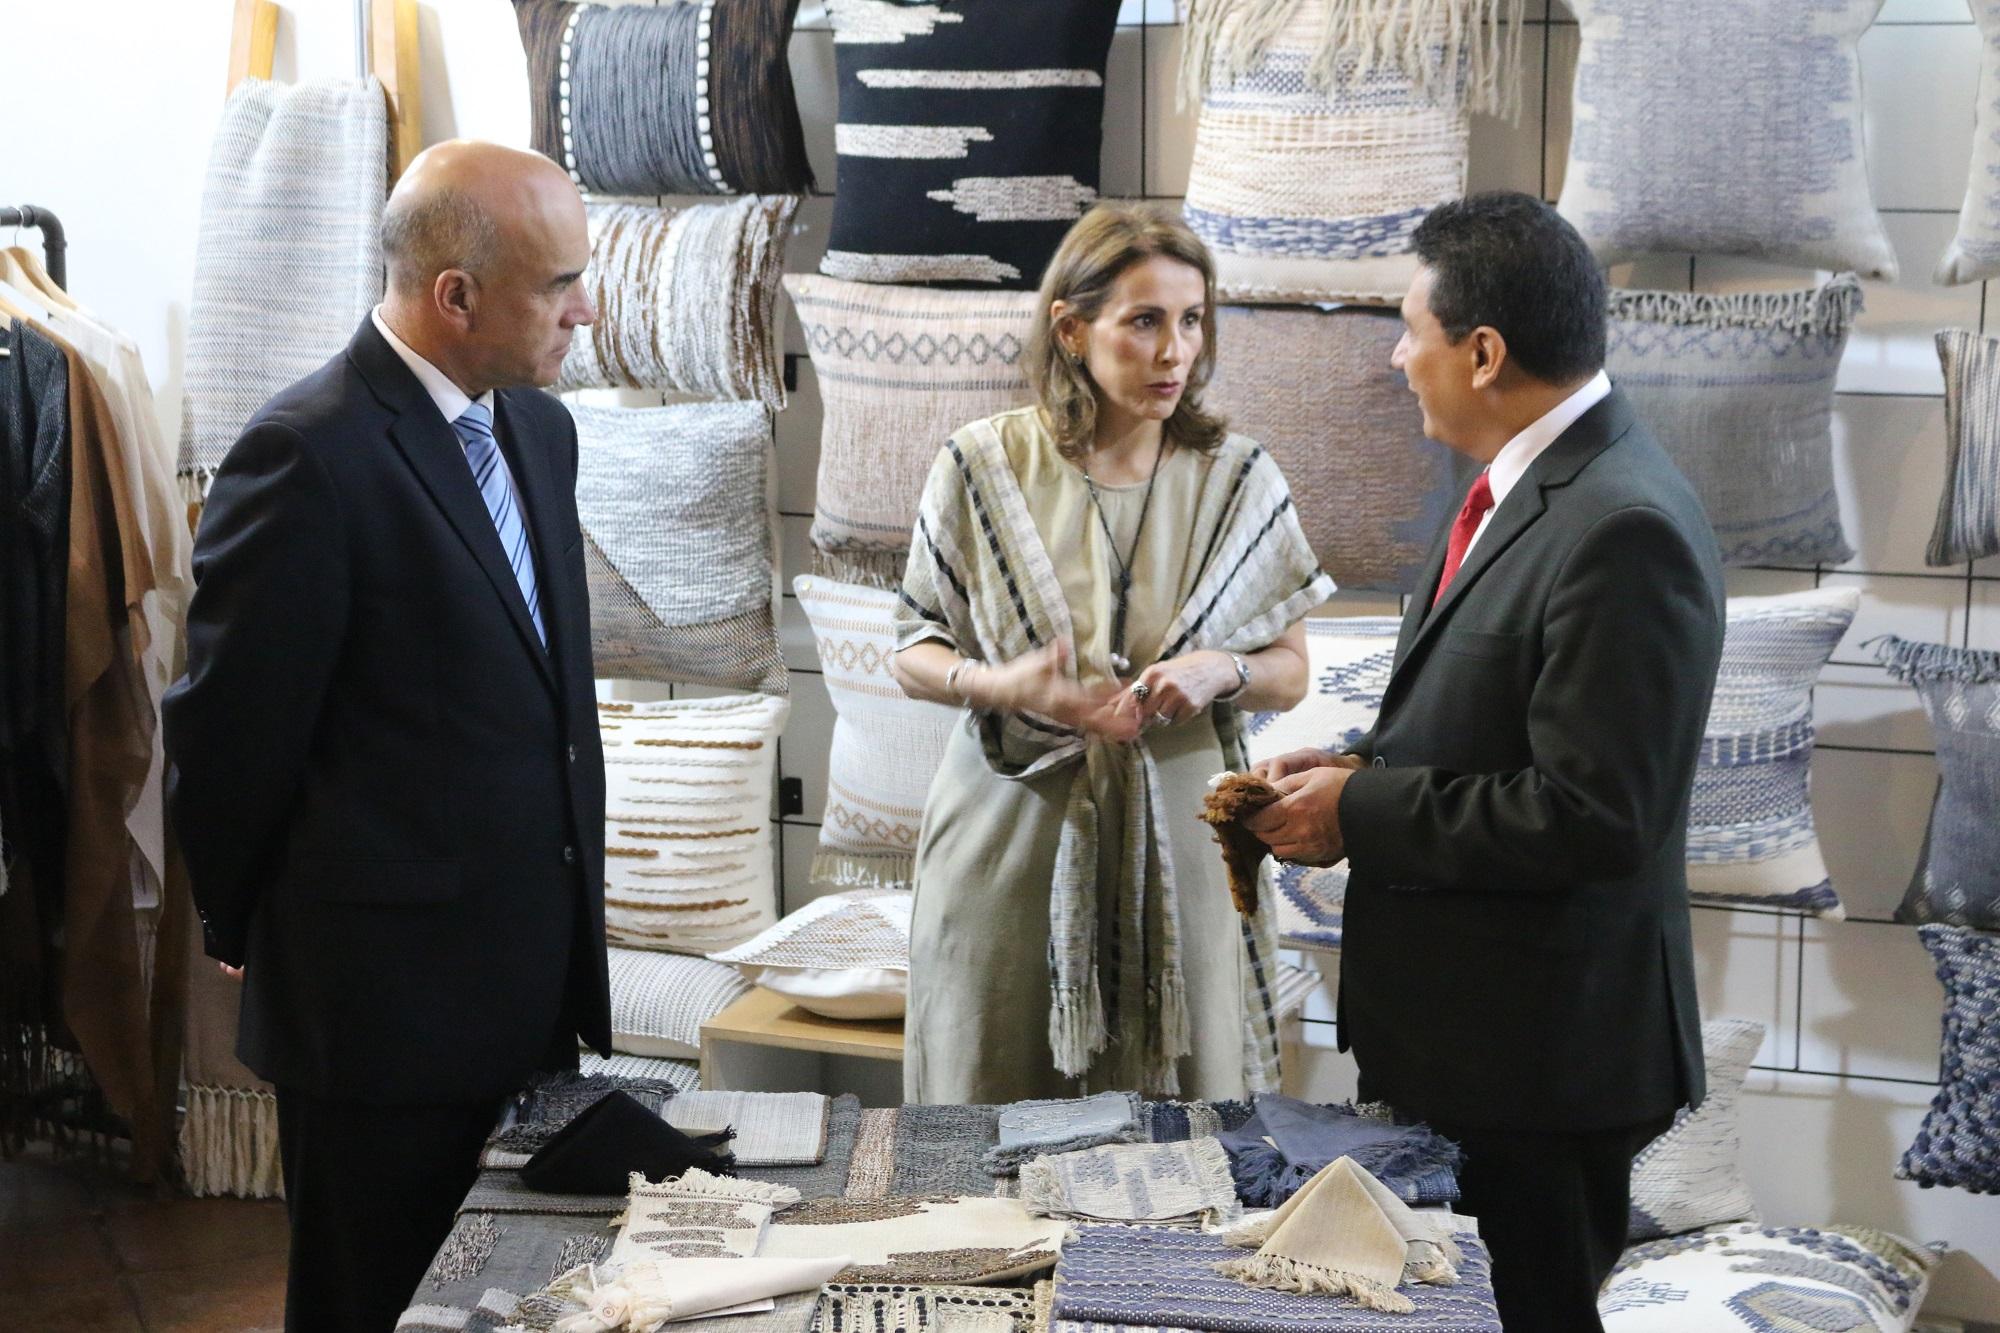 Amador Carballido, Luisa Villavicencio y Jorge Mario Chajón.jpg